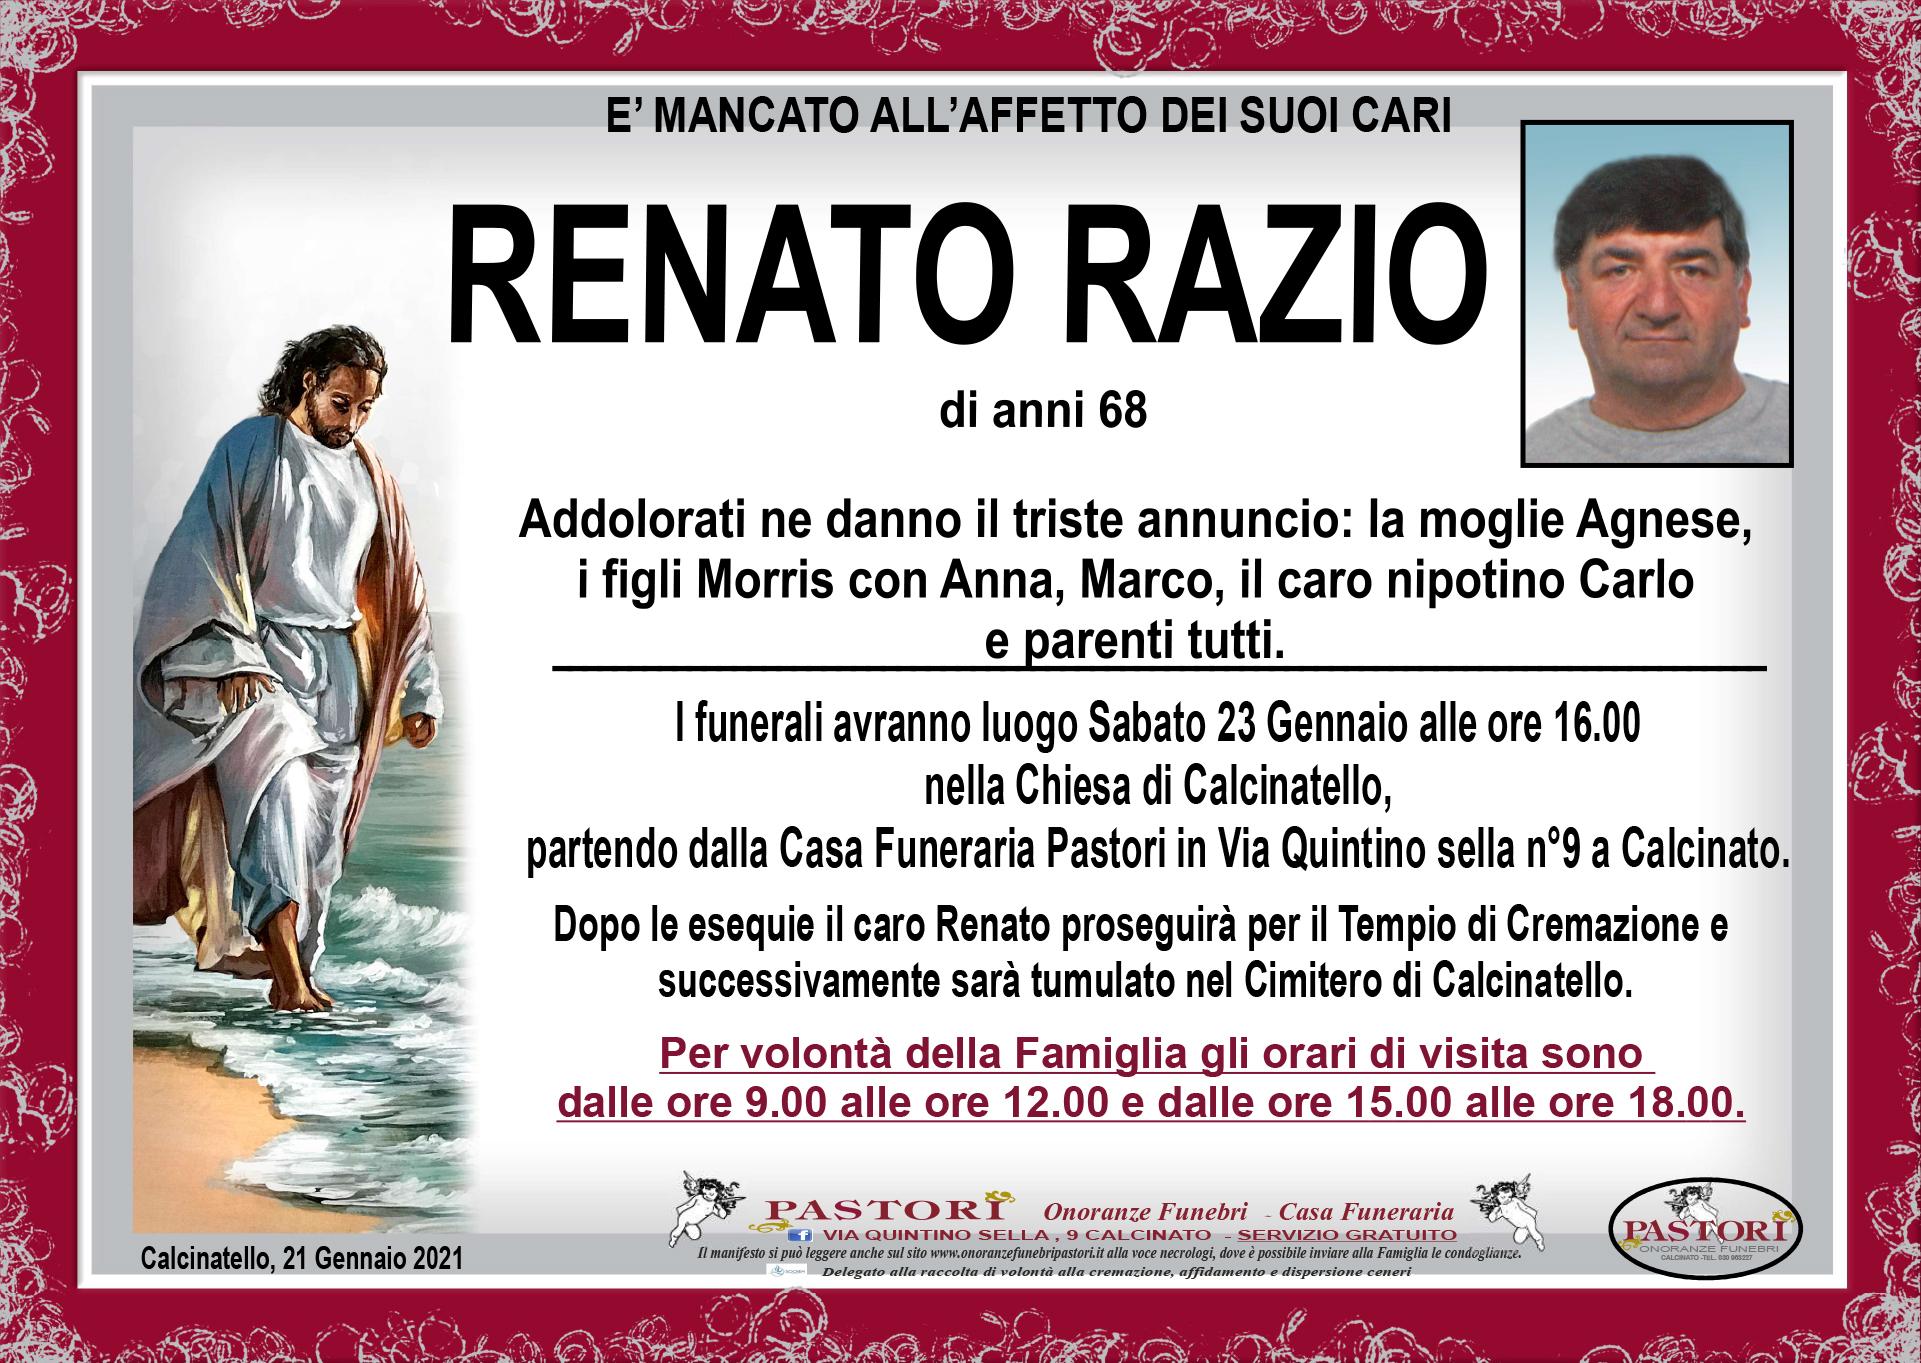 Renato Razio